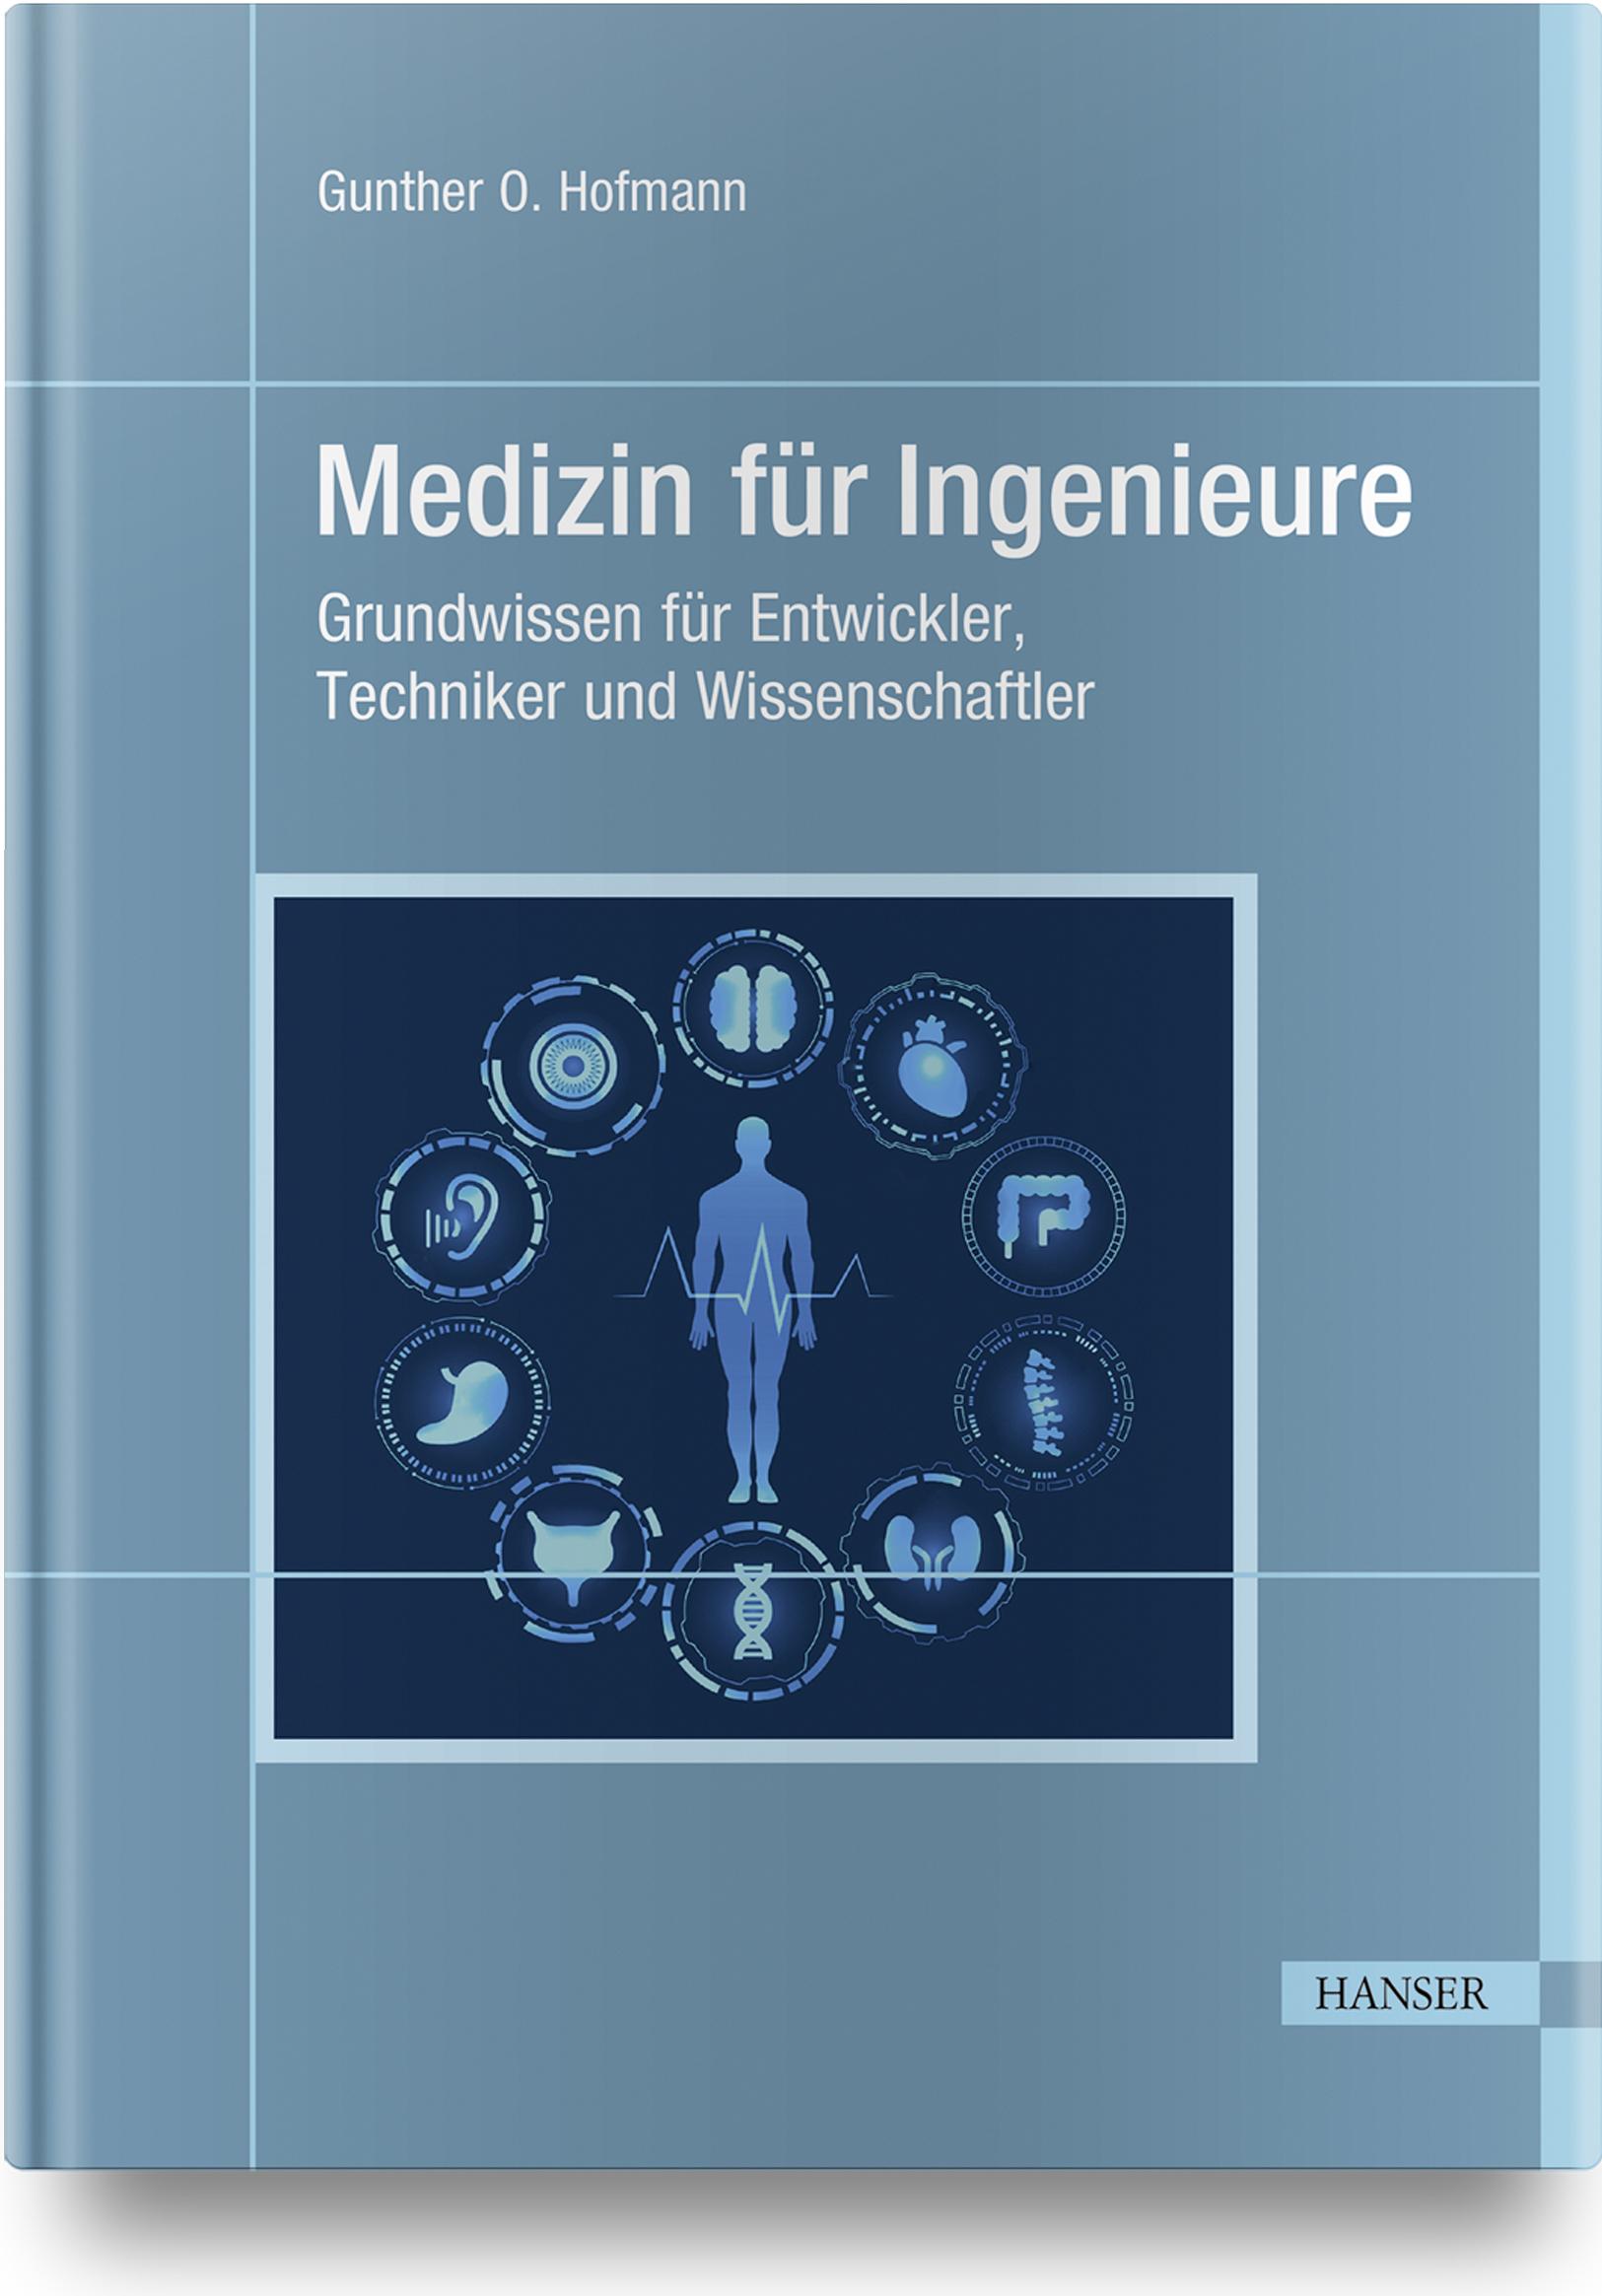 Hofmann, Medizin für Ingenieure, 978-3-446-46148-2